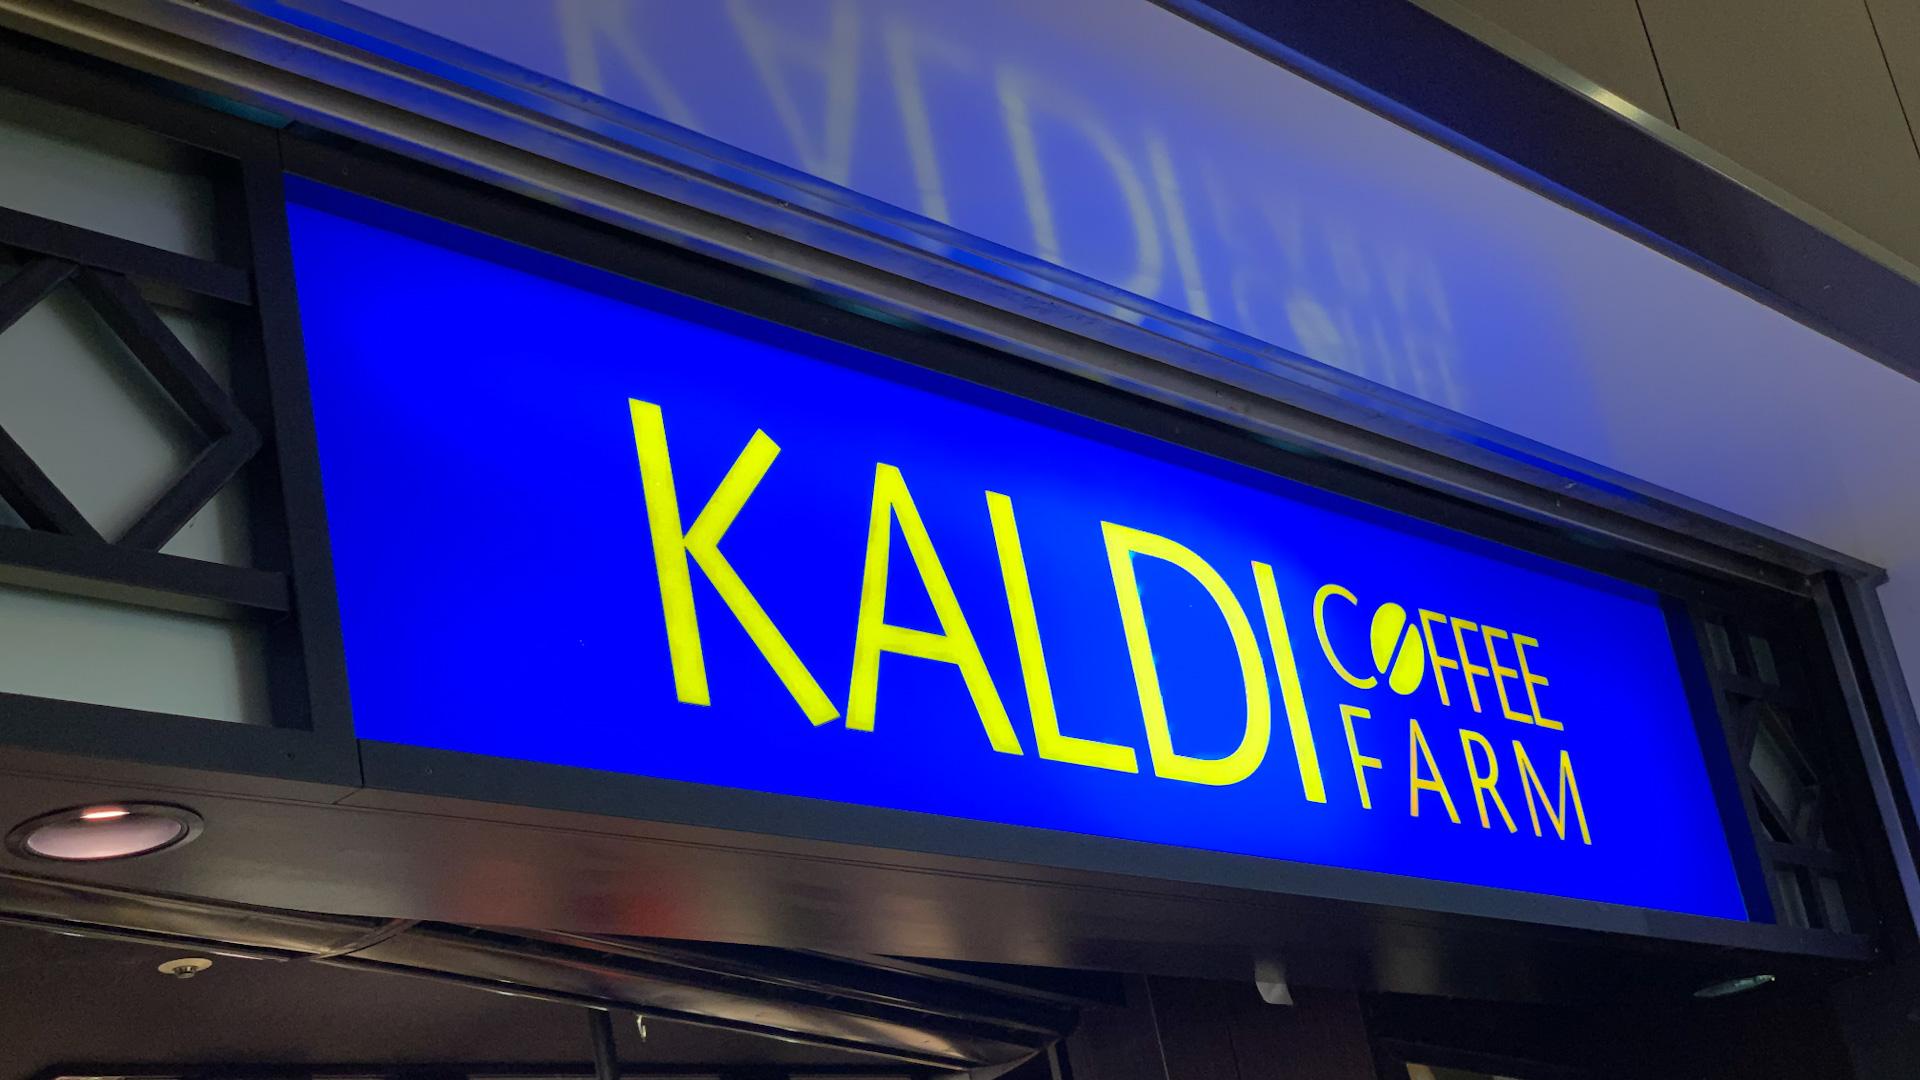 カルディは福岡にも店舗がある!営業時間やアクセスをまとめました